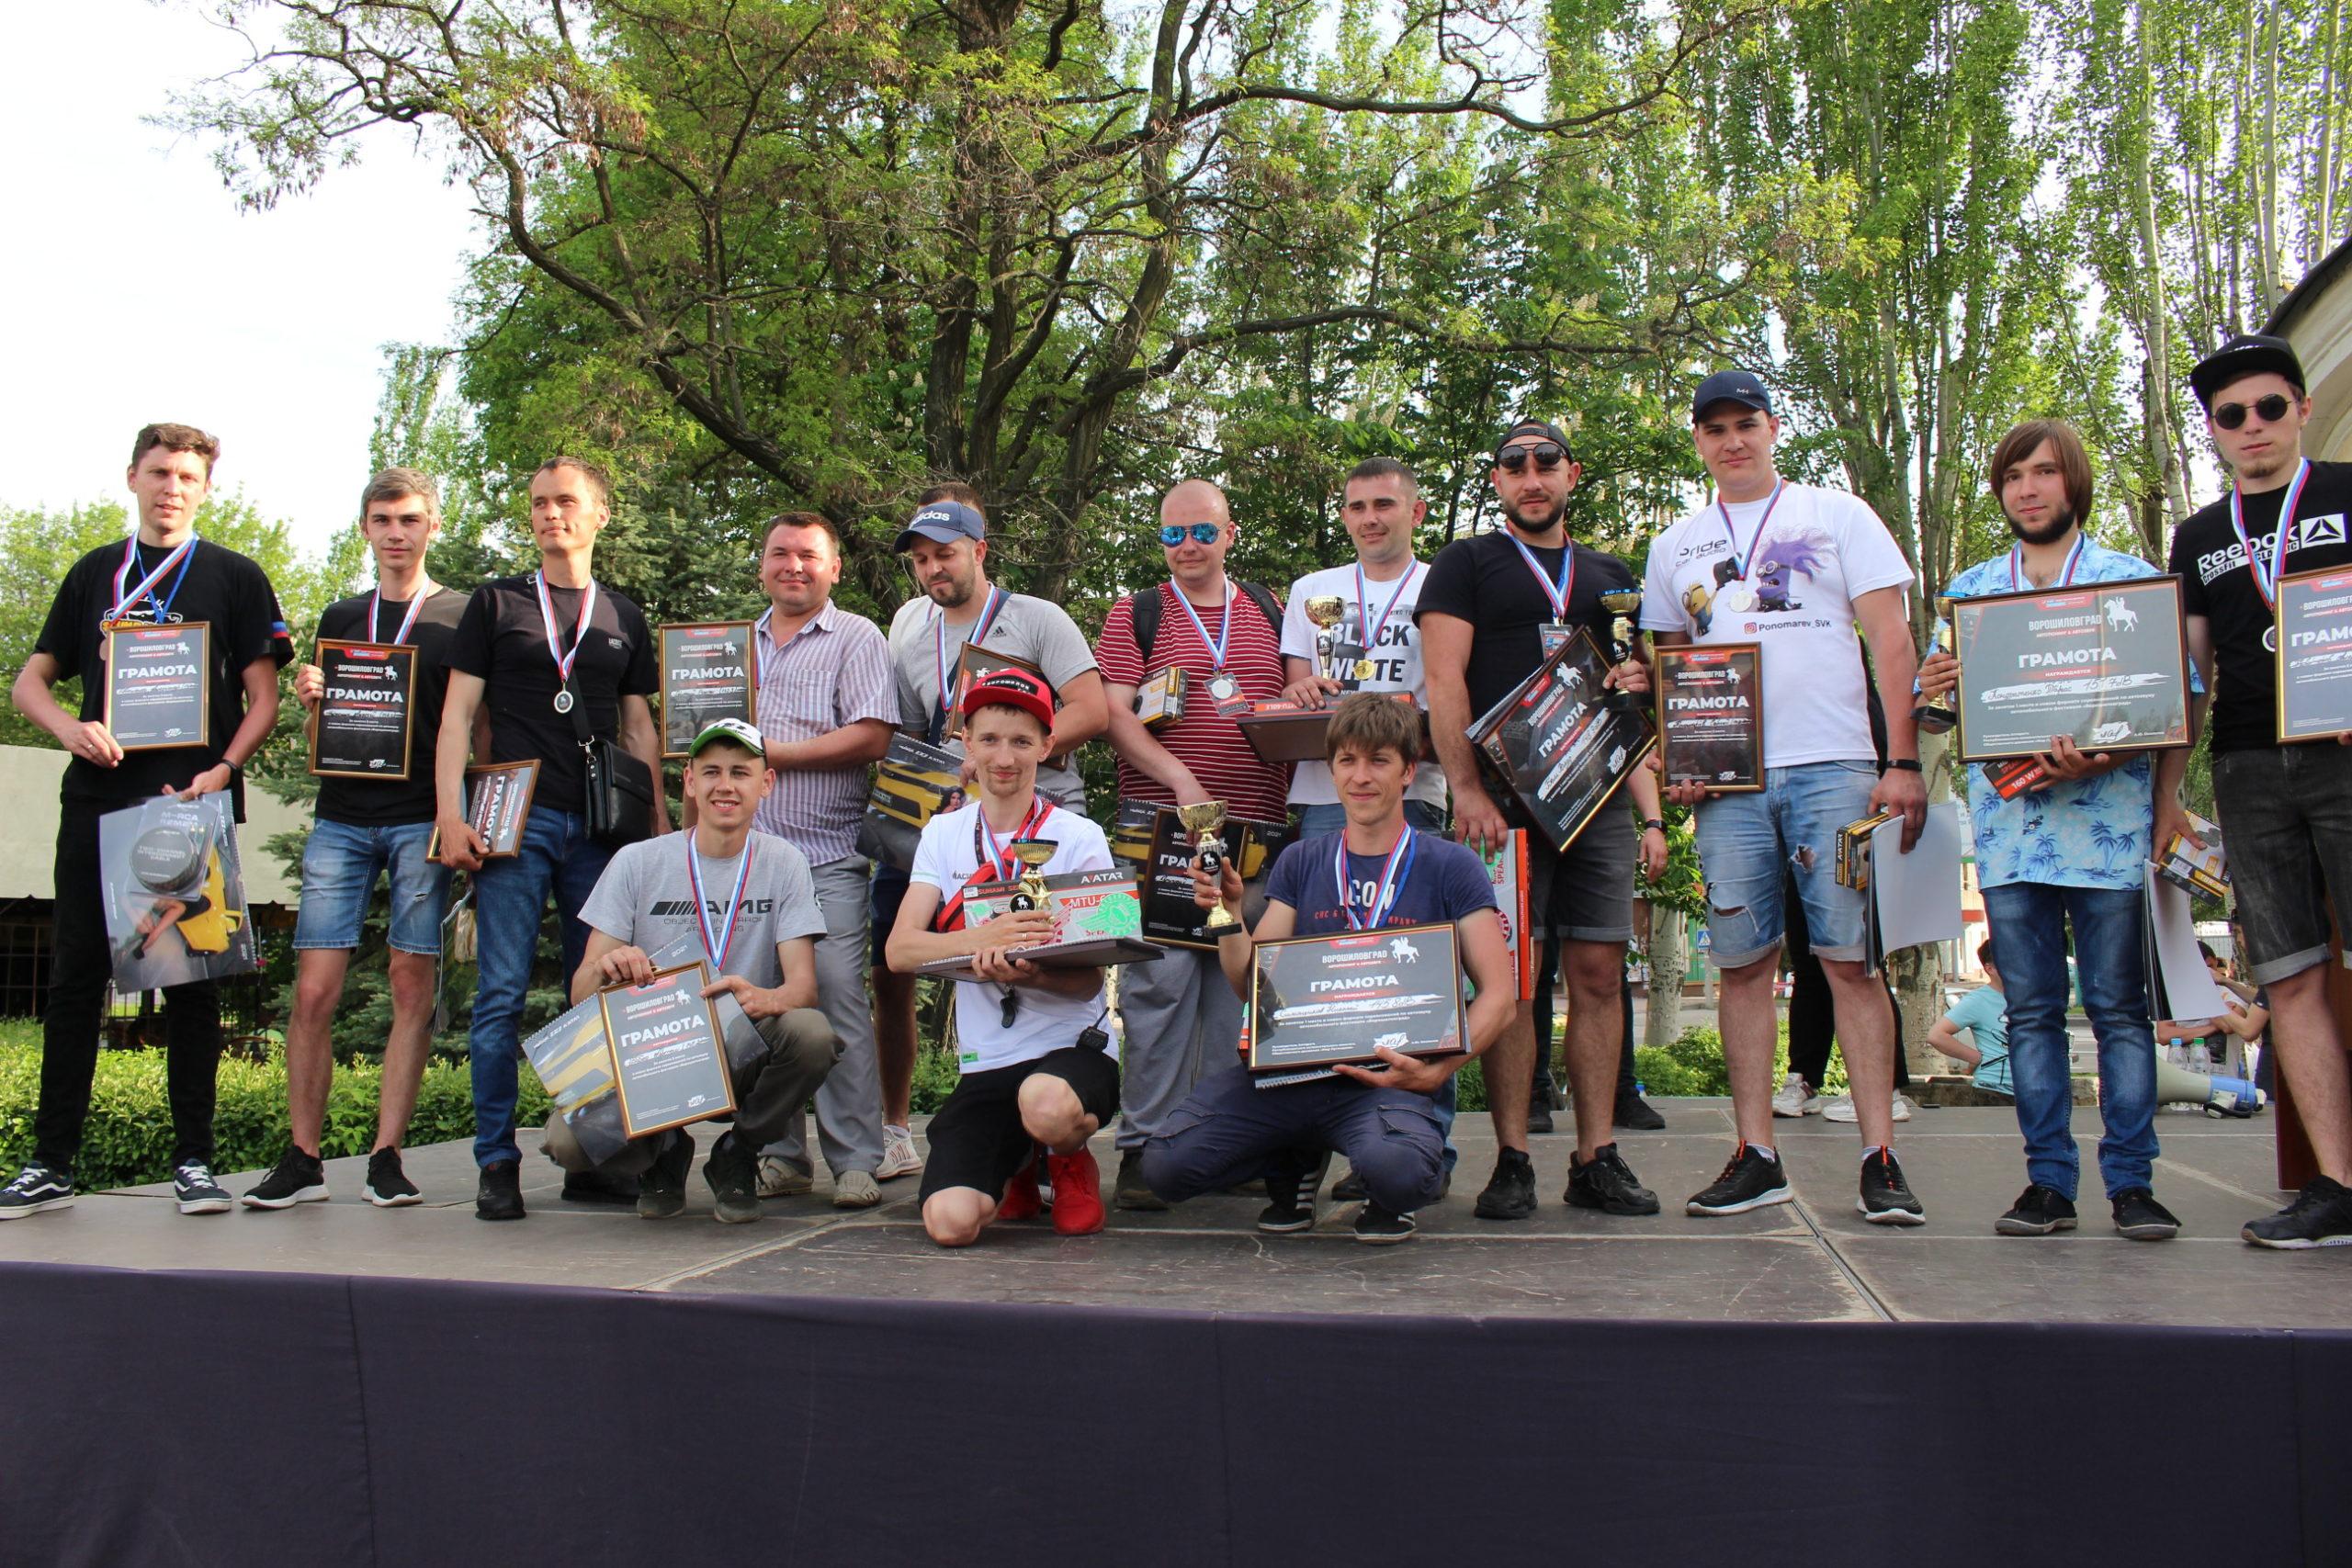 Автомобилисты из России, ДНР и ЛНР приняли участие в фестивале «Ворошиловград» в Луганске 6